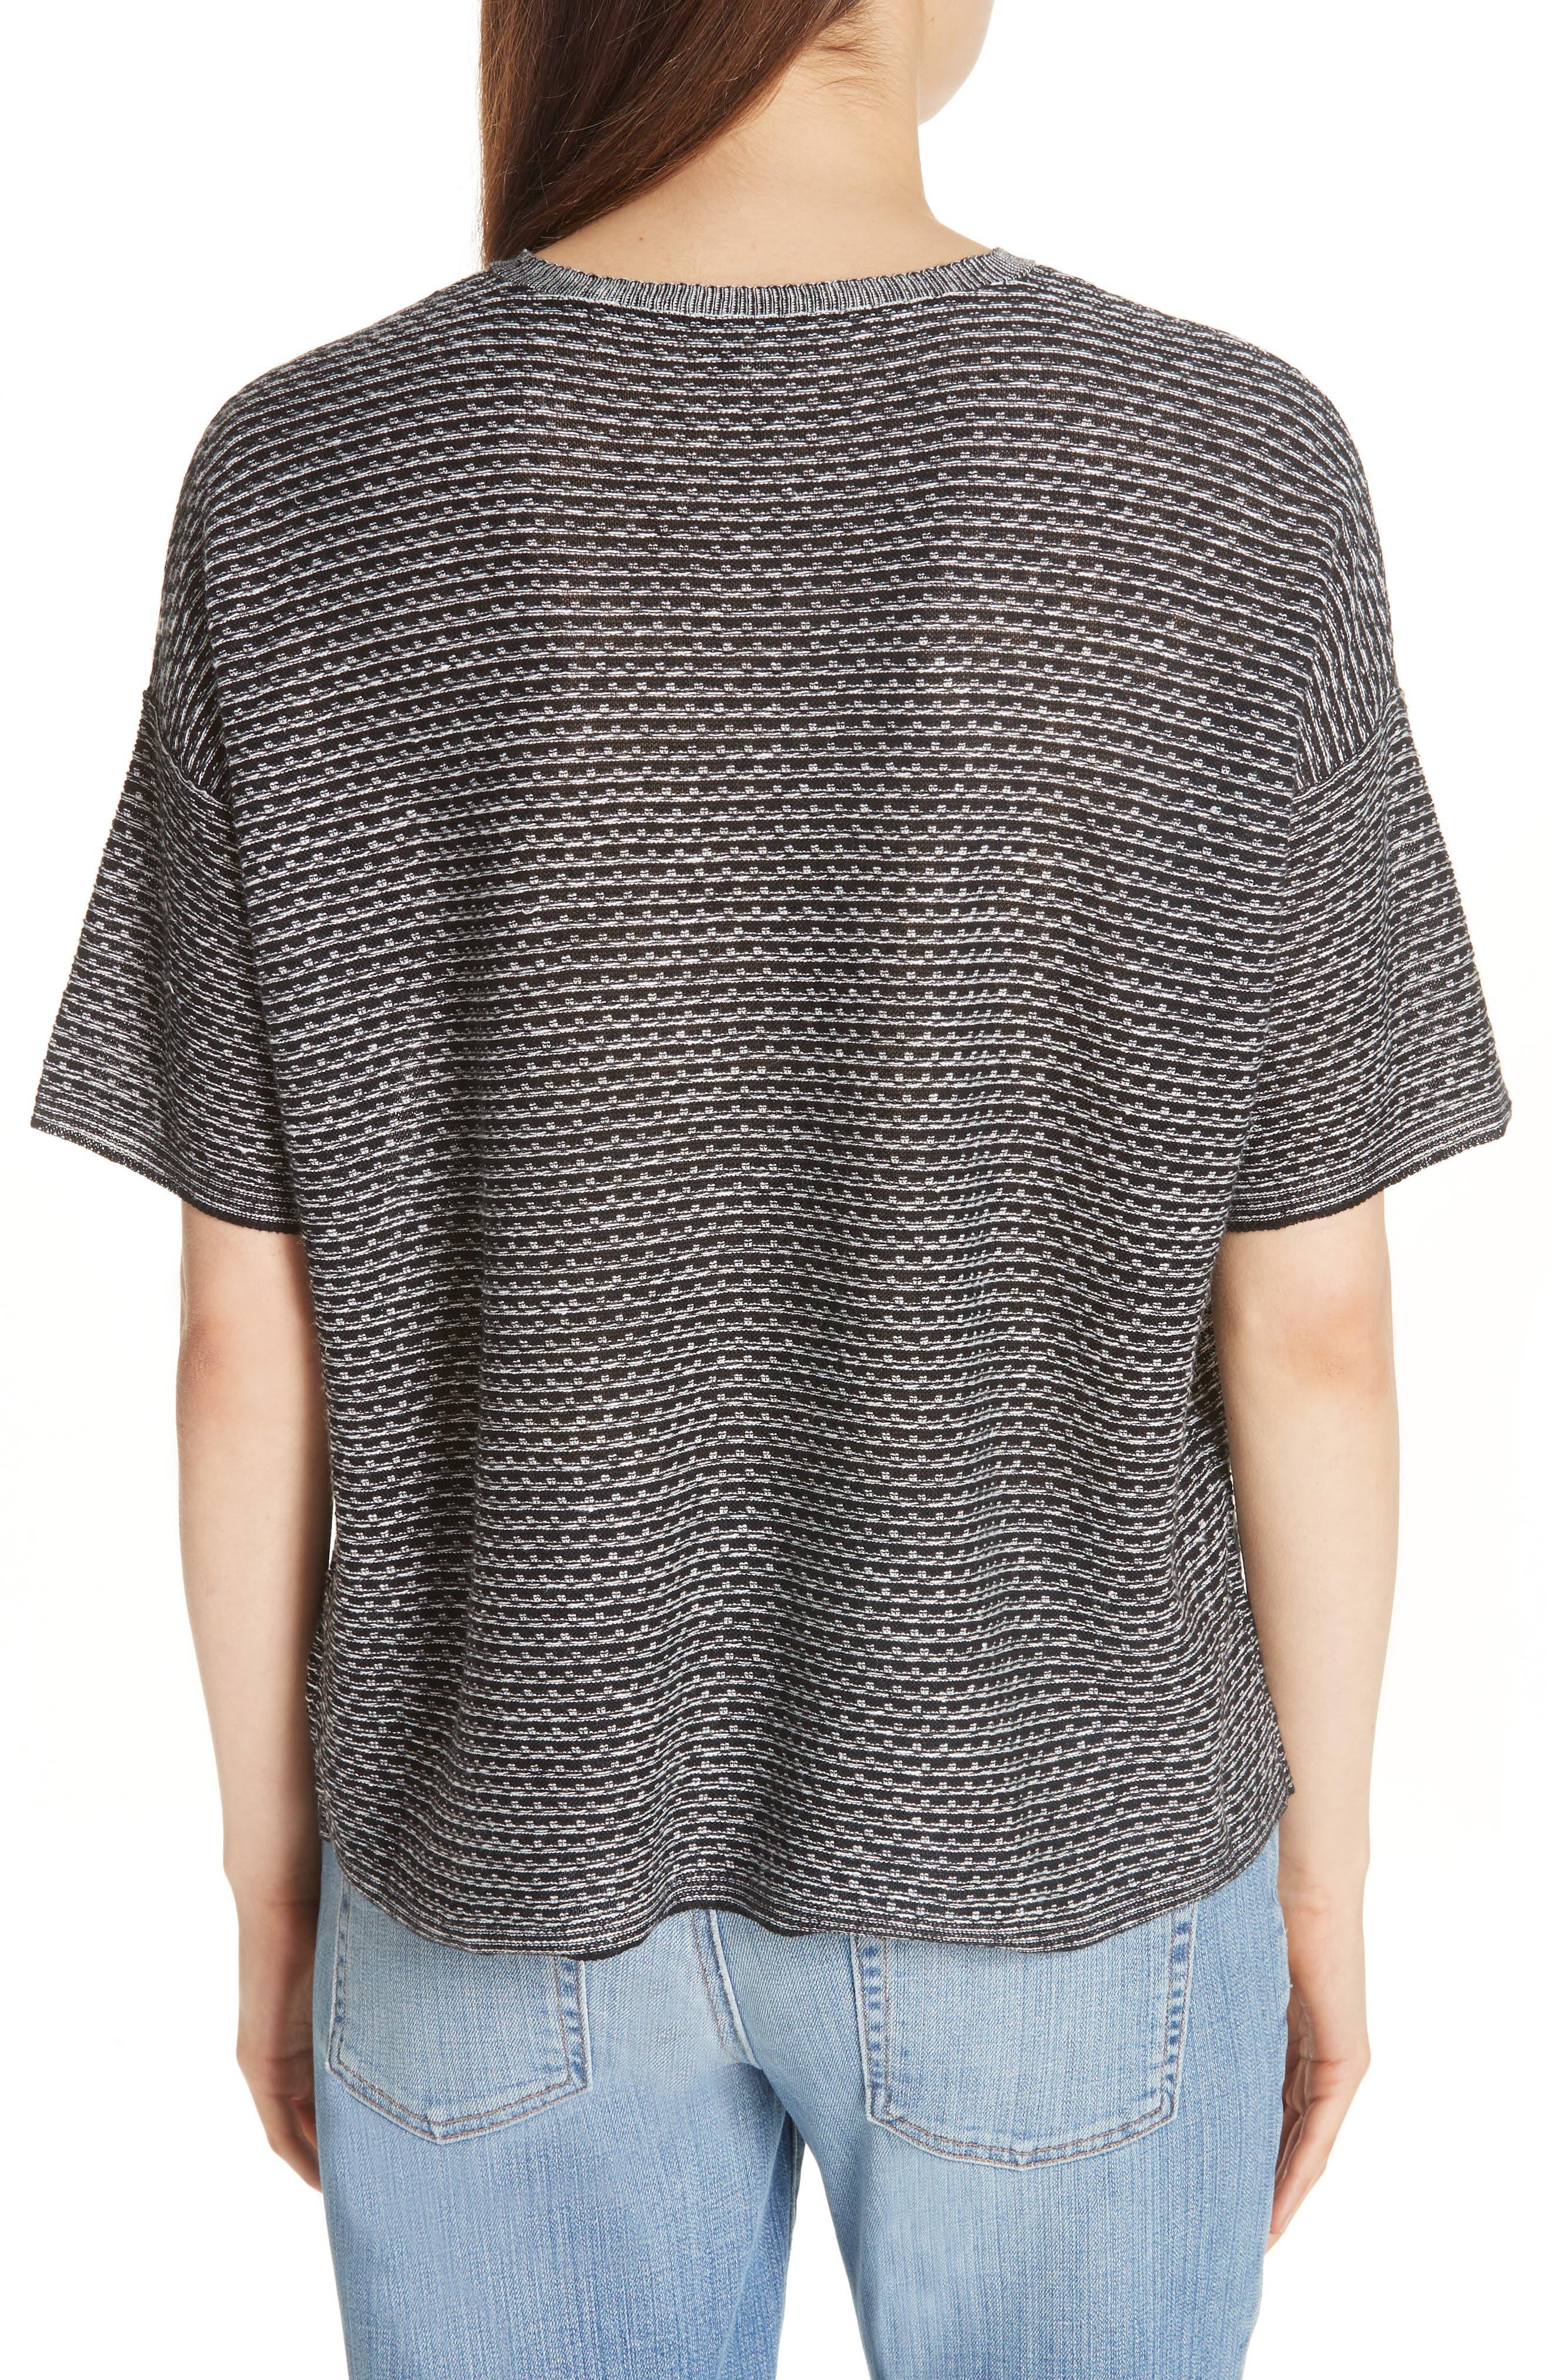 Organic Linen Jacquard Sweater,                             Alternate thumbnail 2, color,                             Black/ Soft White